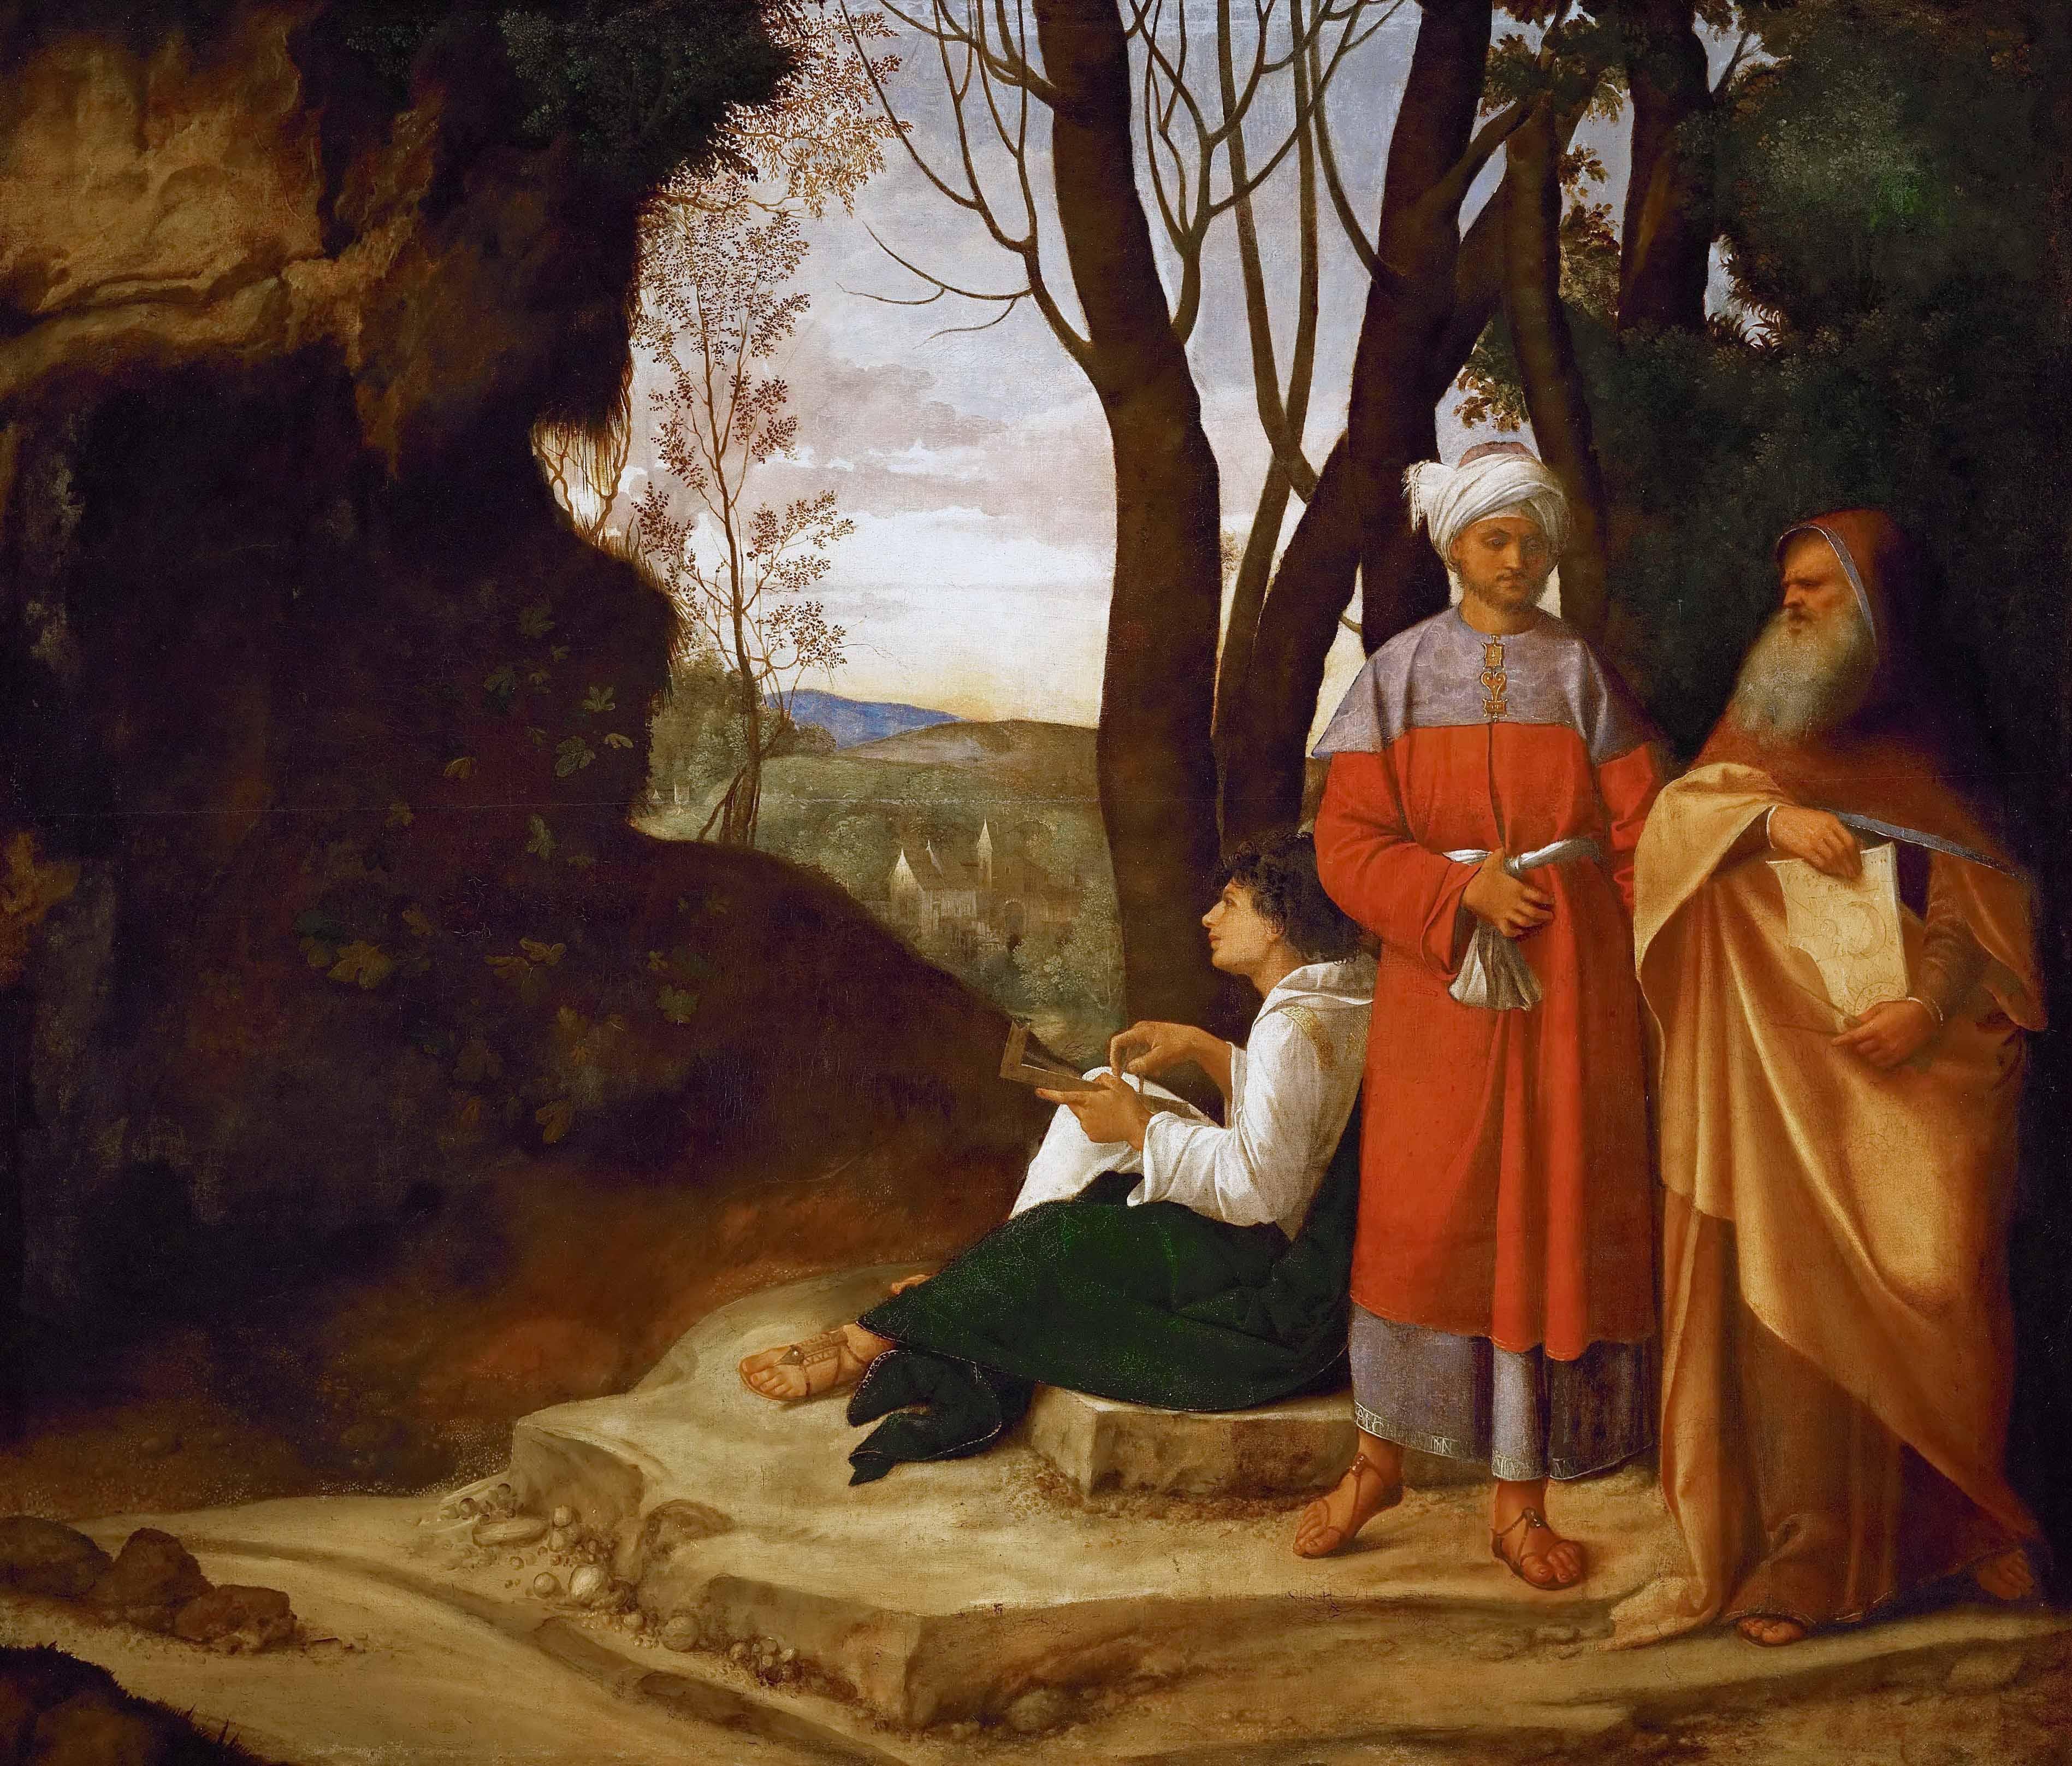 """Obraz Giorgione """"Trzej filozofowie"""", Mikołaj Kopernik obrazy"""